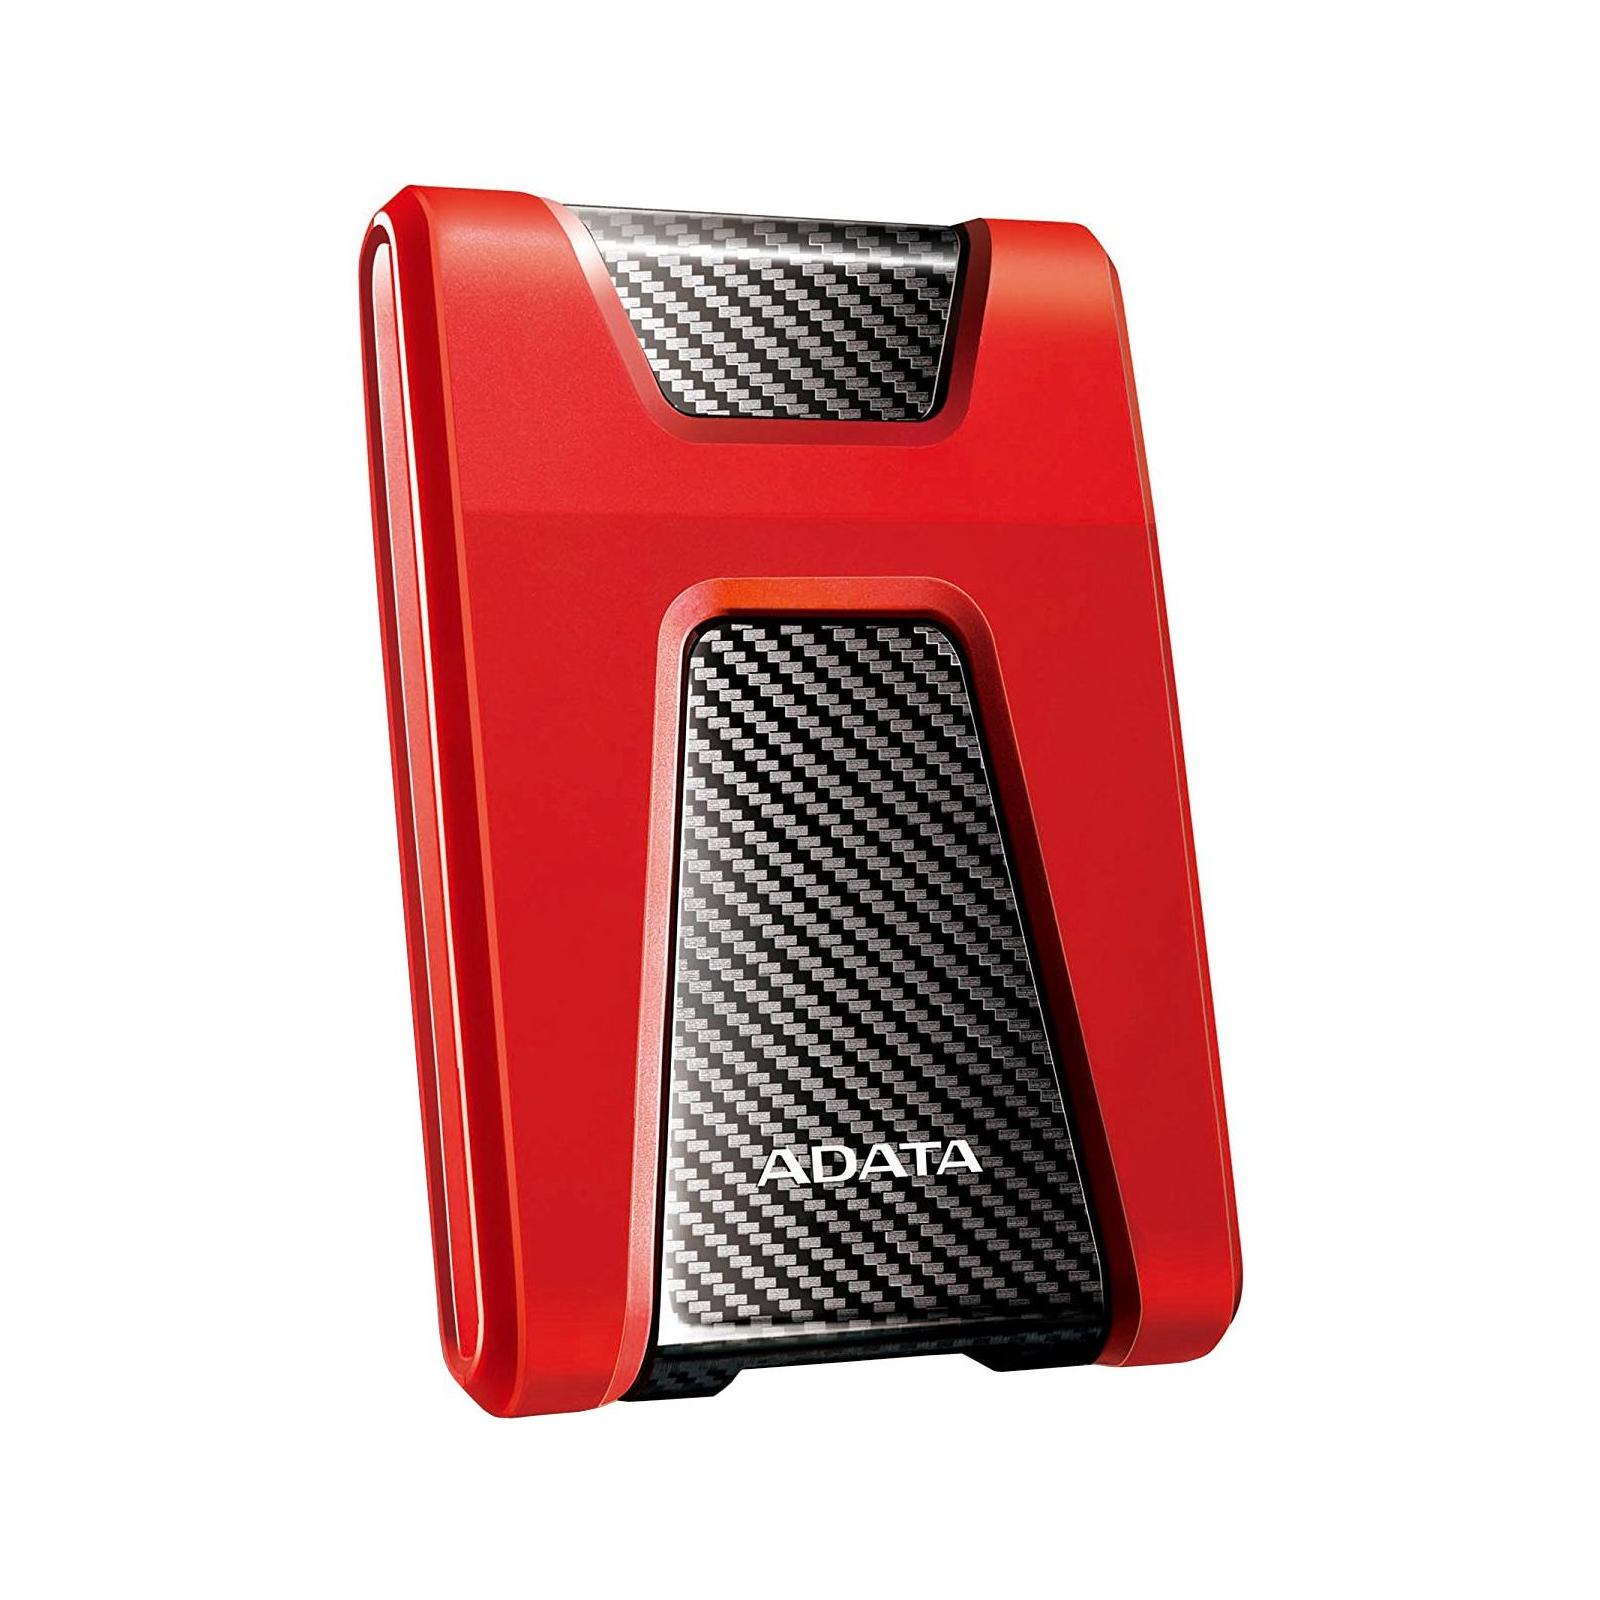 """Внешний жесткий диск 2.5"""" 2TB ADATA (AHD650-2TU31-CRD) изображение 2"""